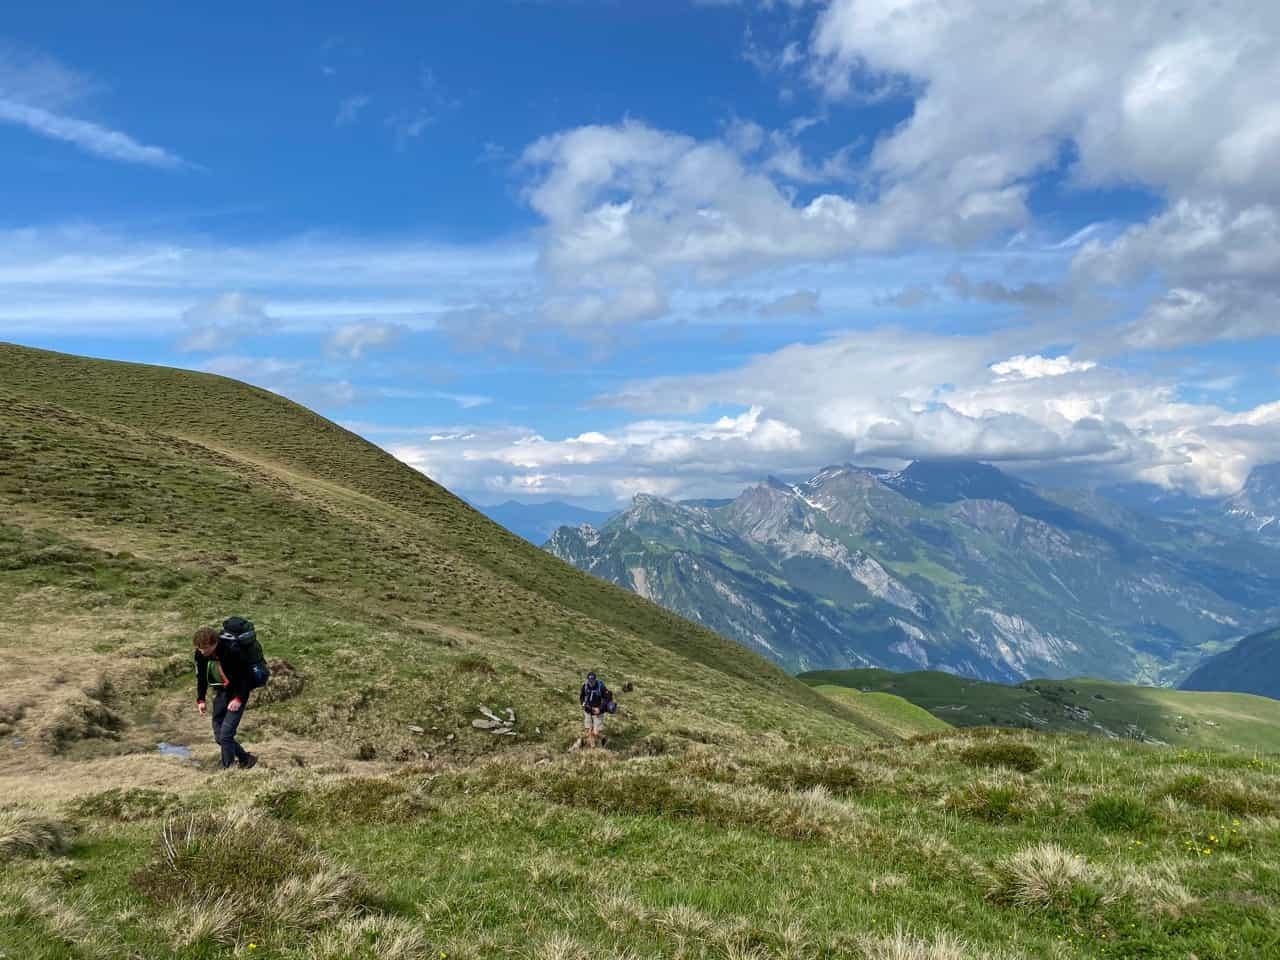 auszeit schweiz, zwei wanderer steigen den berghang hoch